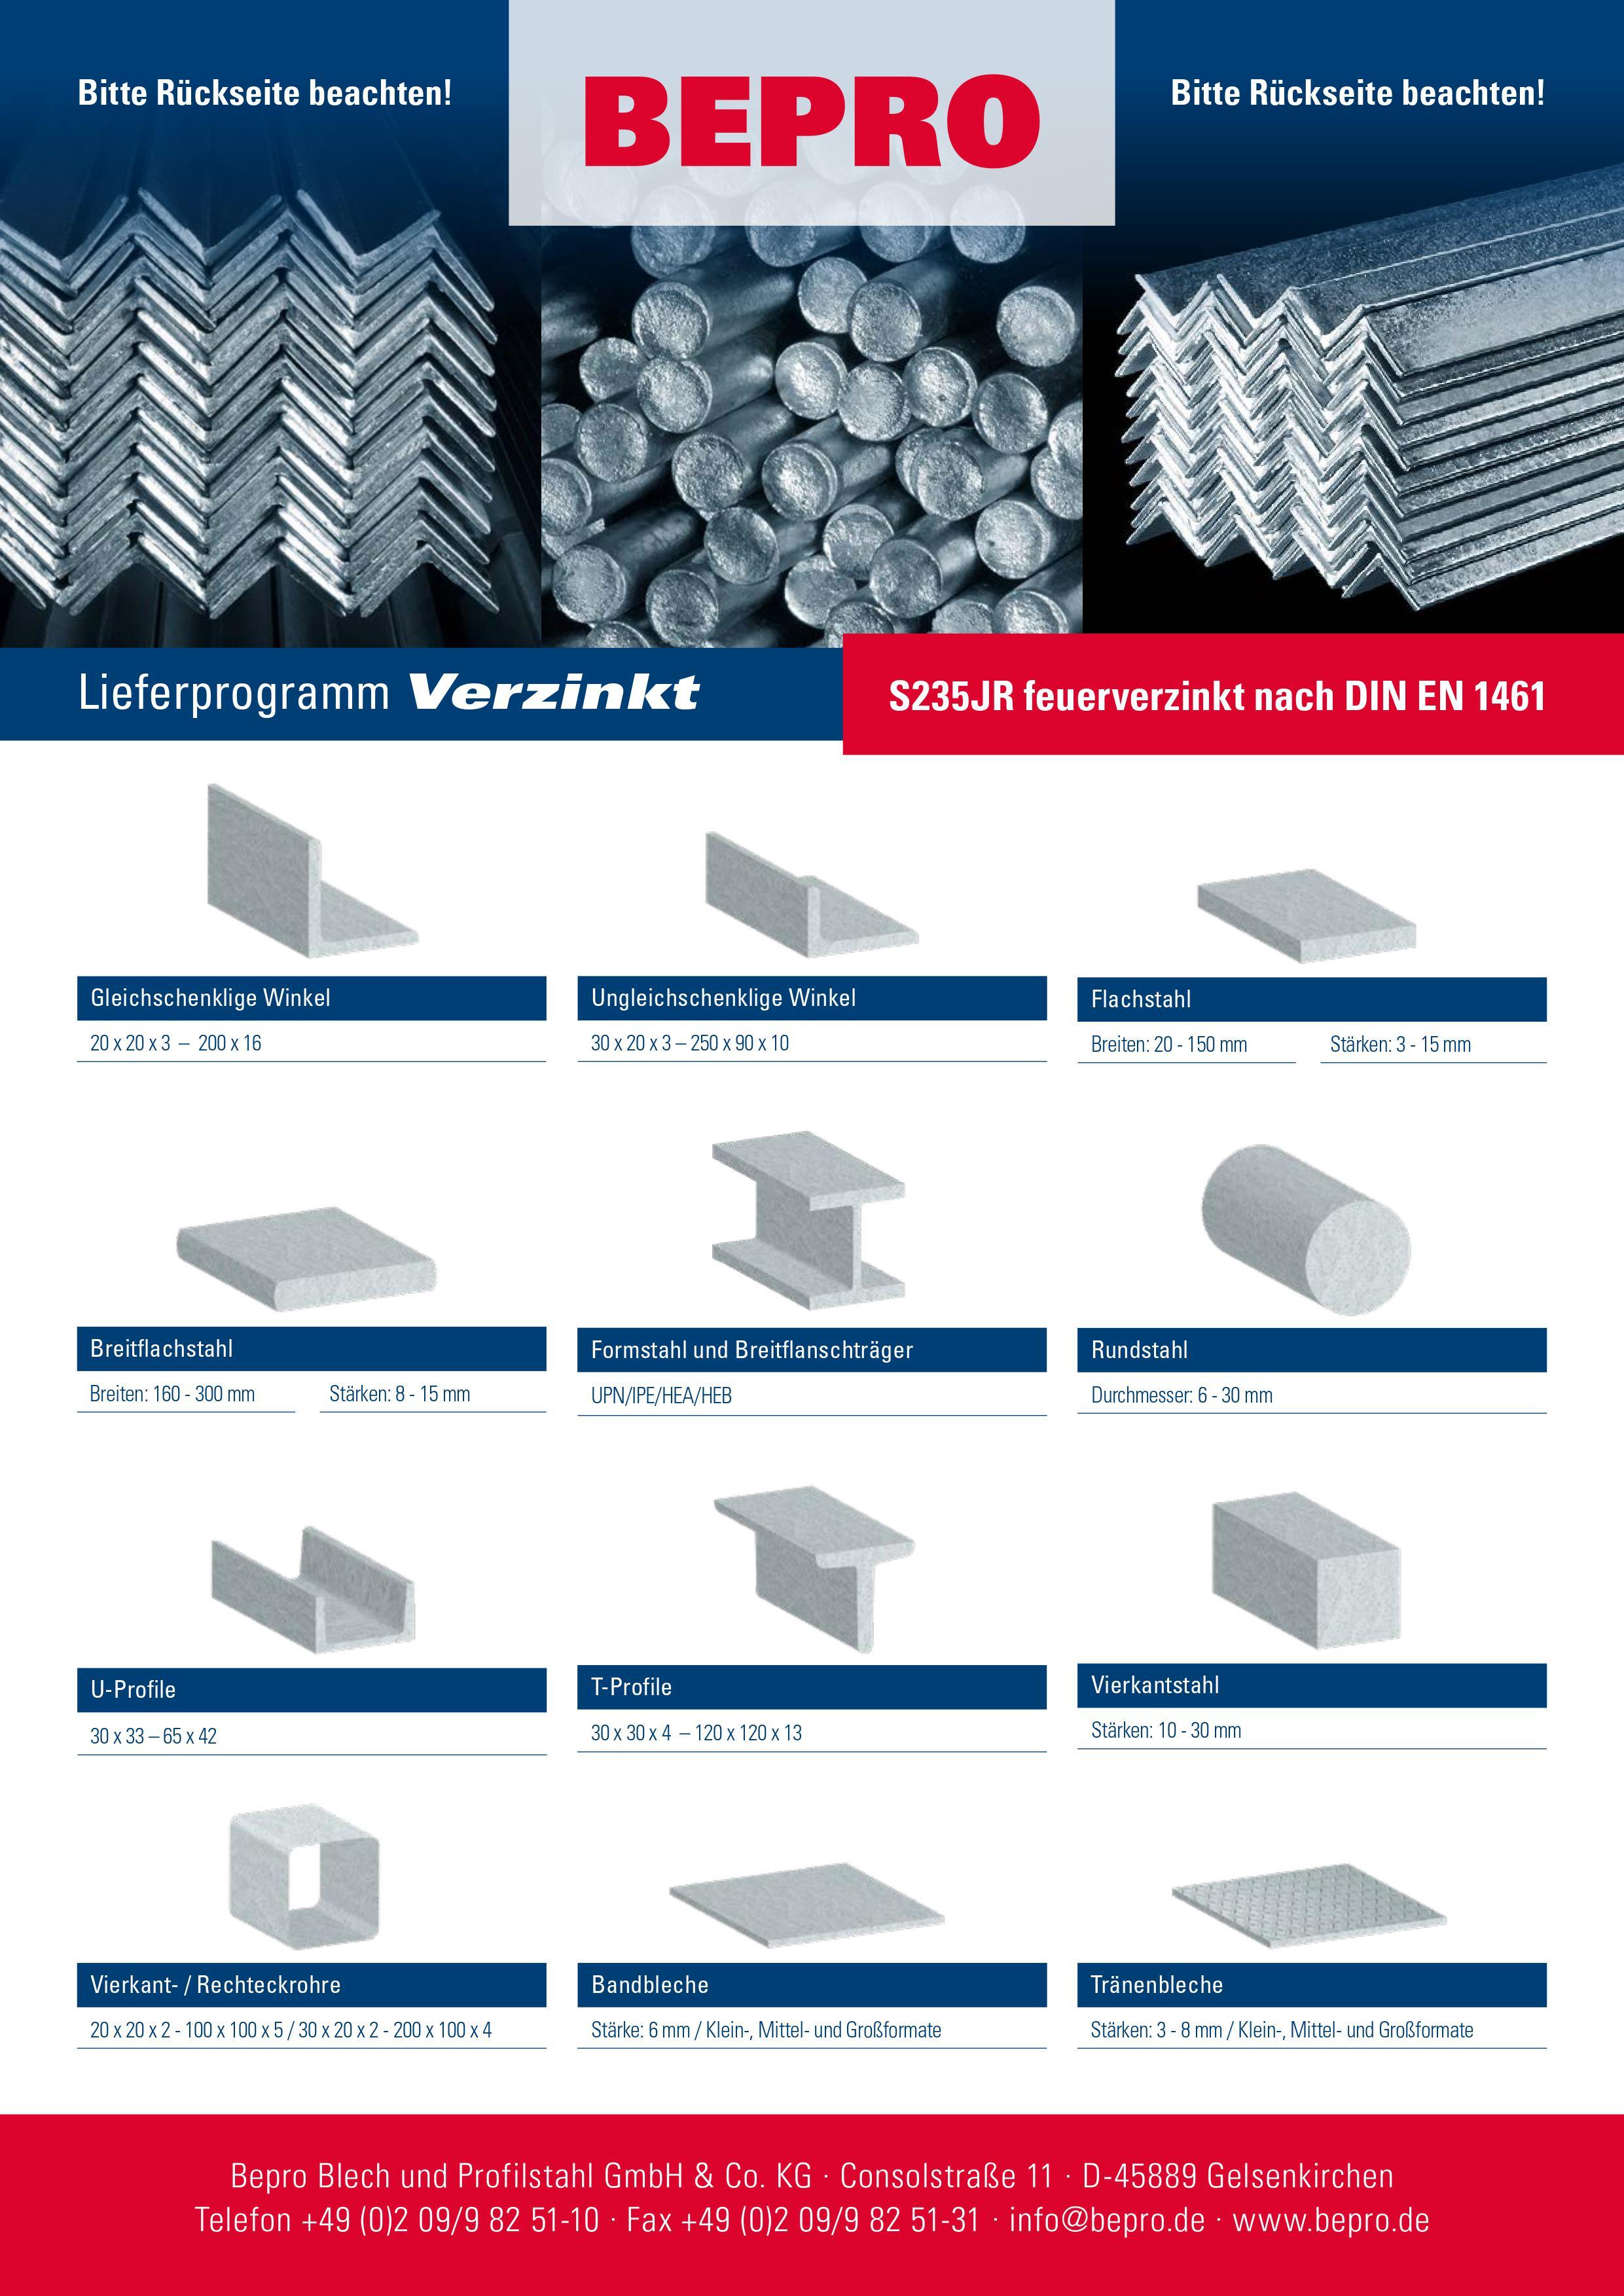 BEPRO Stahlhandel Verzinkter-Stahl Lieferant S235JR